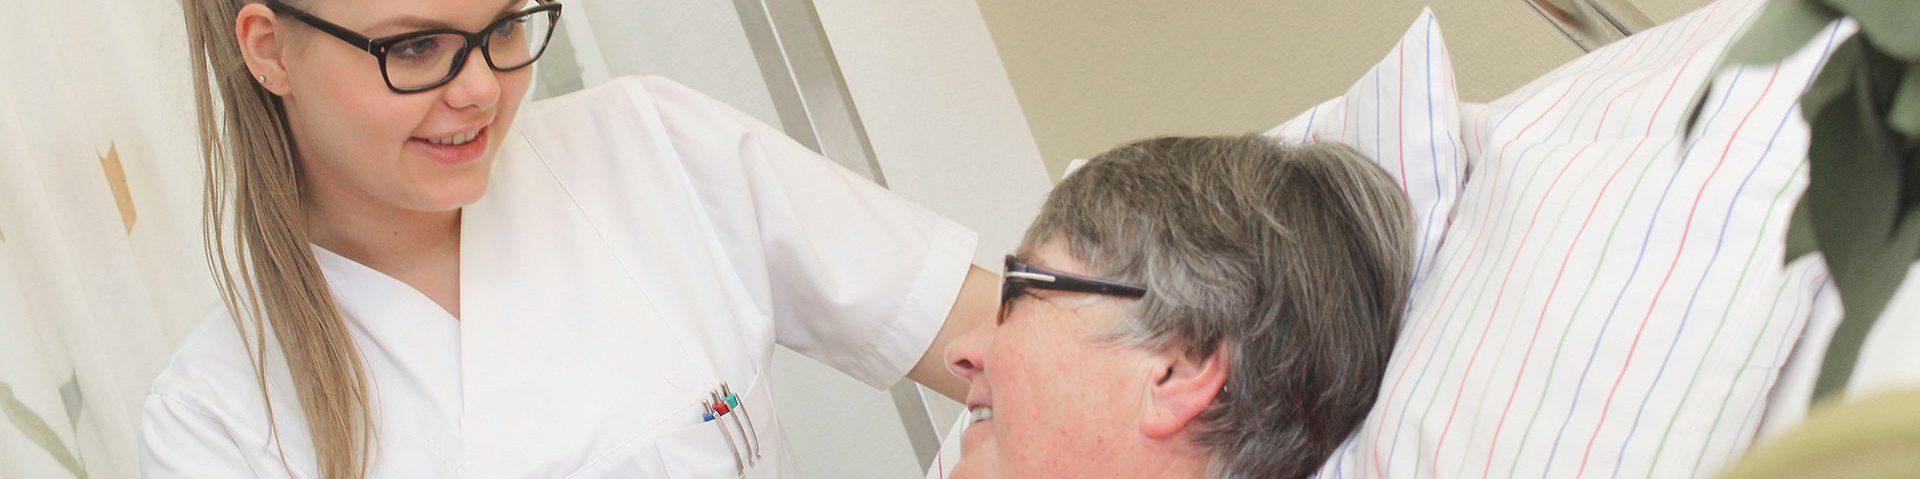 Krankenschwester schaut älterin Patientin in die Augen